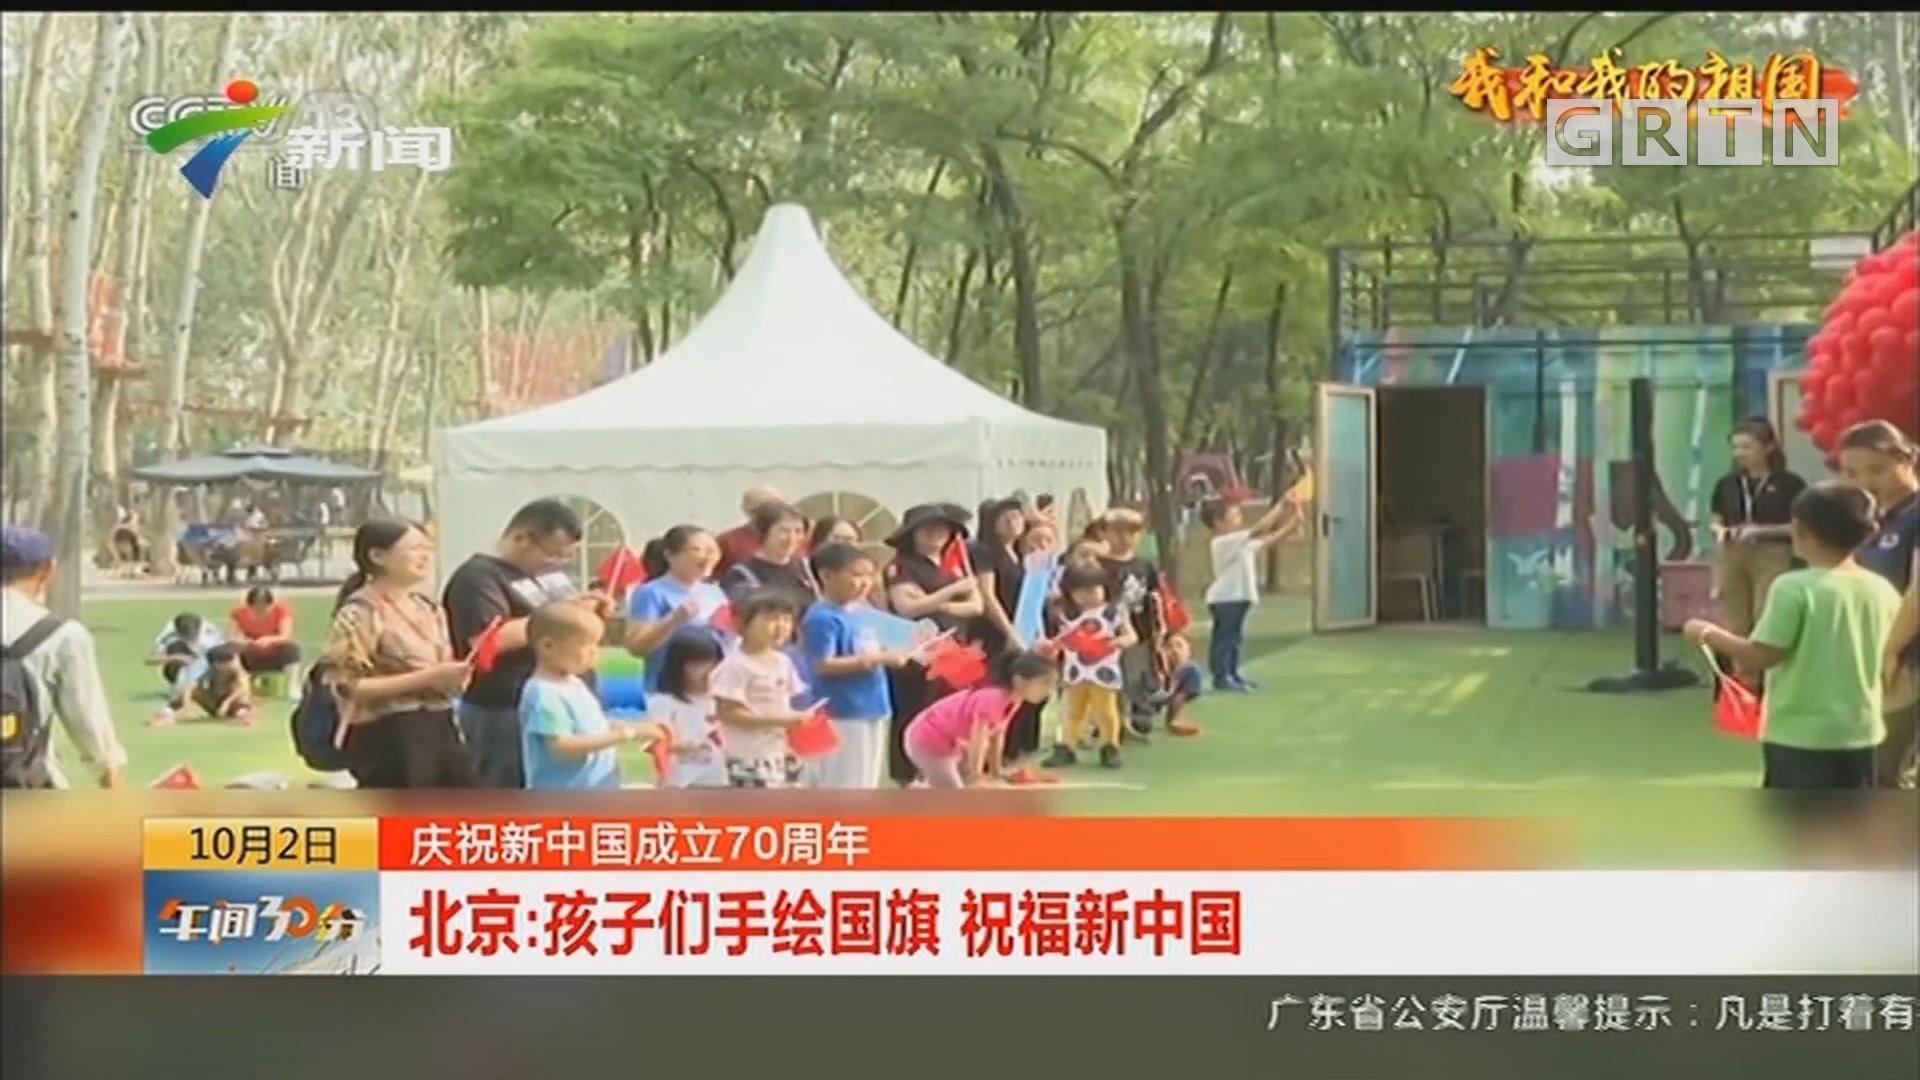 庆祝新中国成立70周年 北京:孩子们手绘国旗 祝福新中国